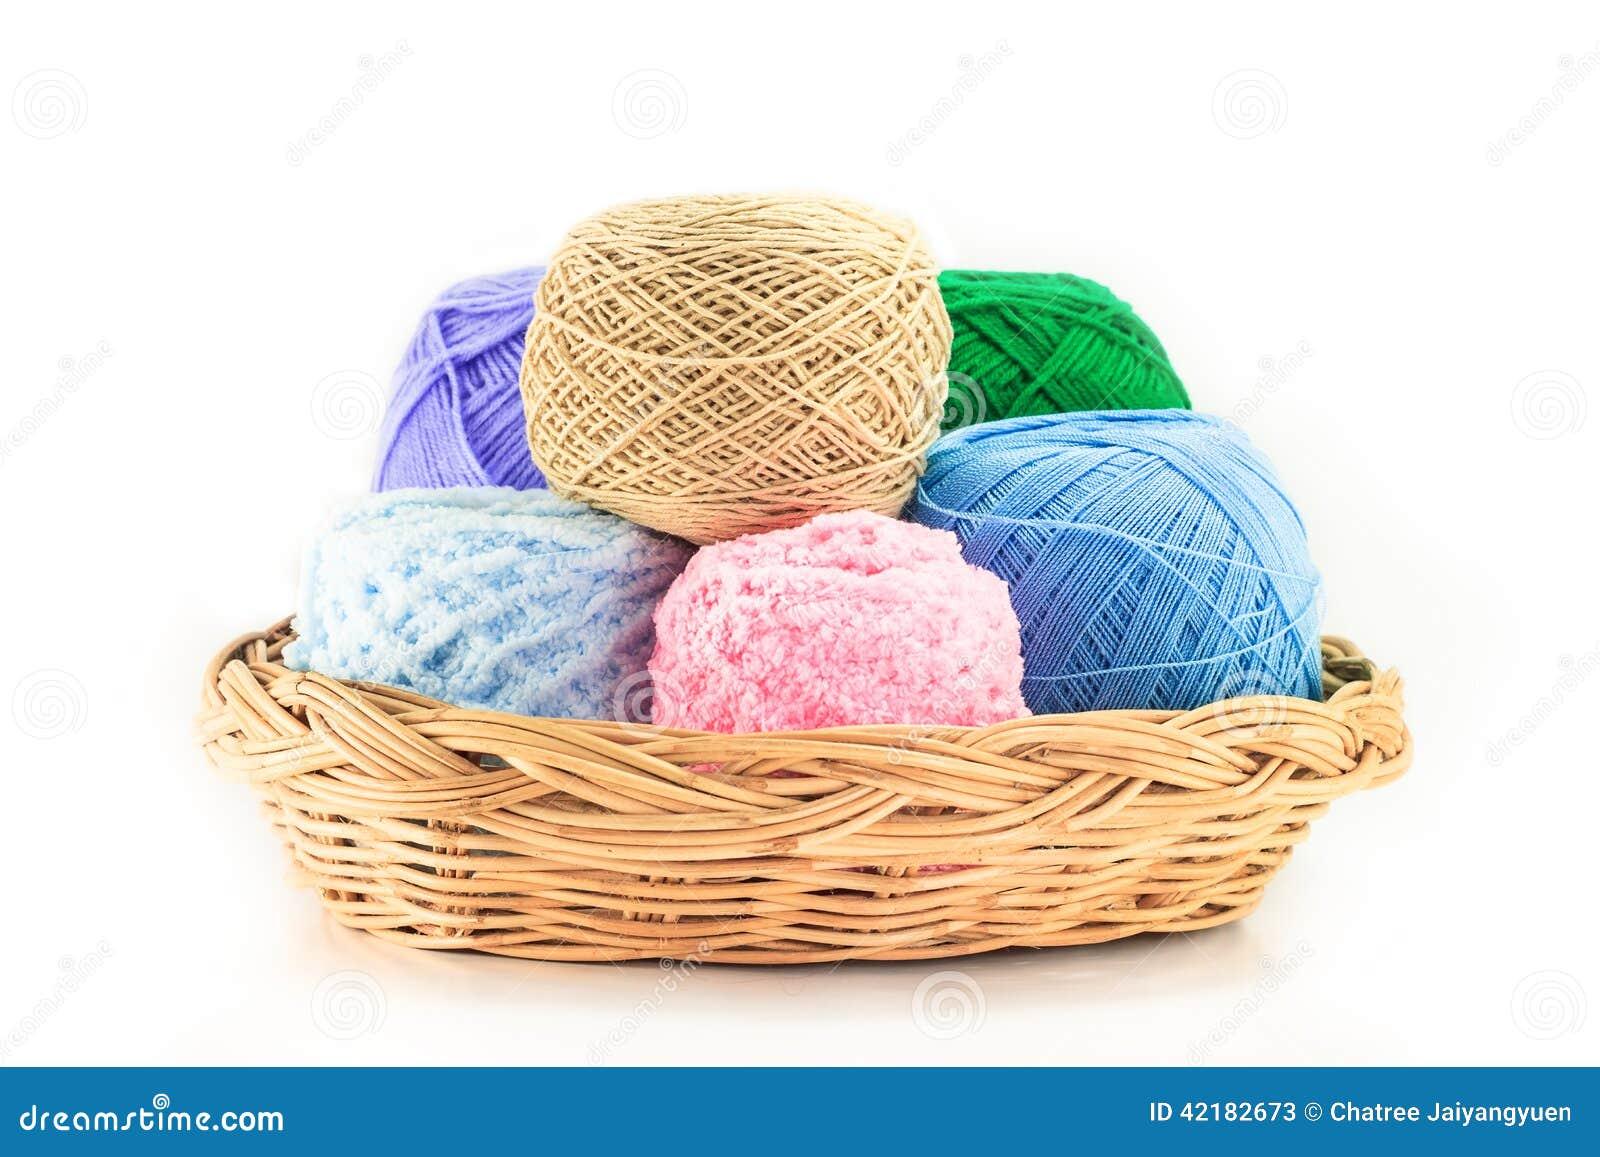 Colorful yarn in wicker basket